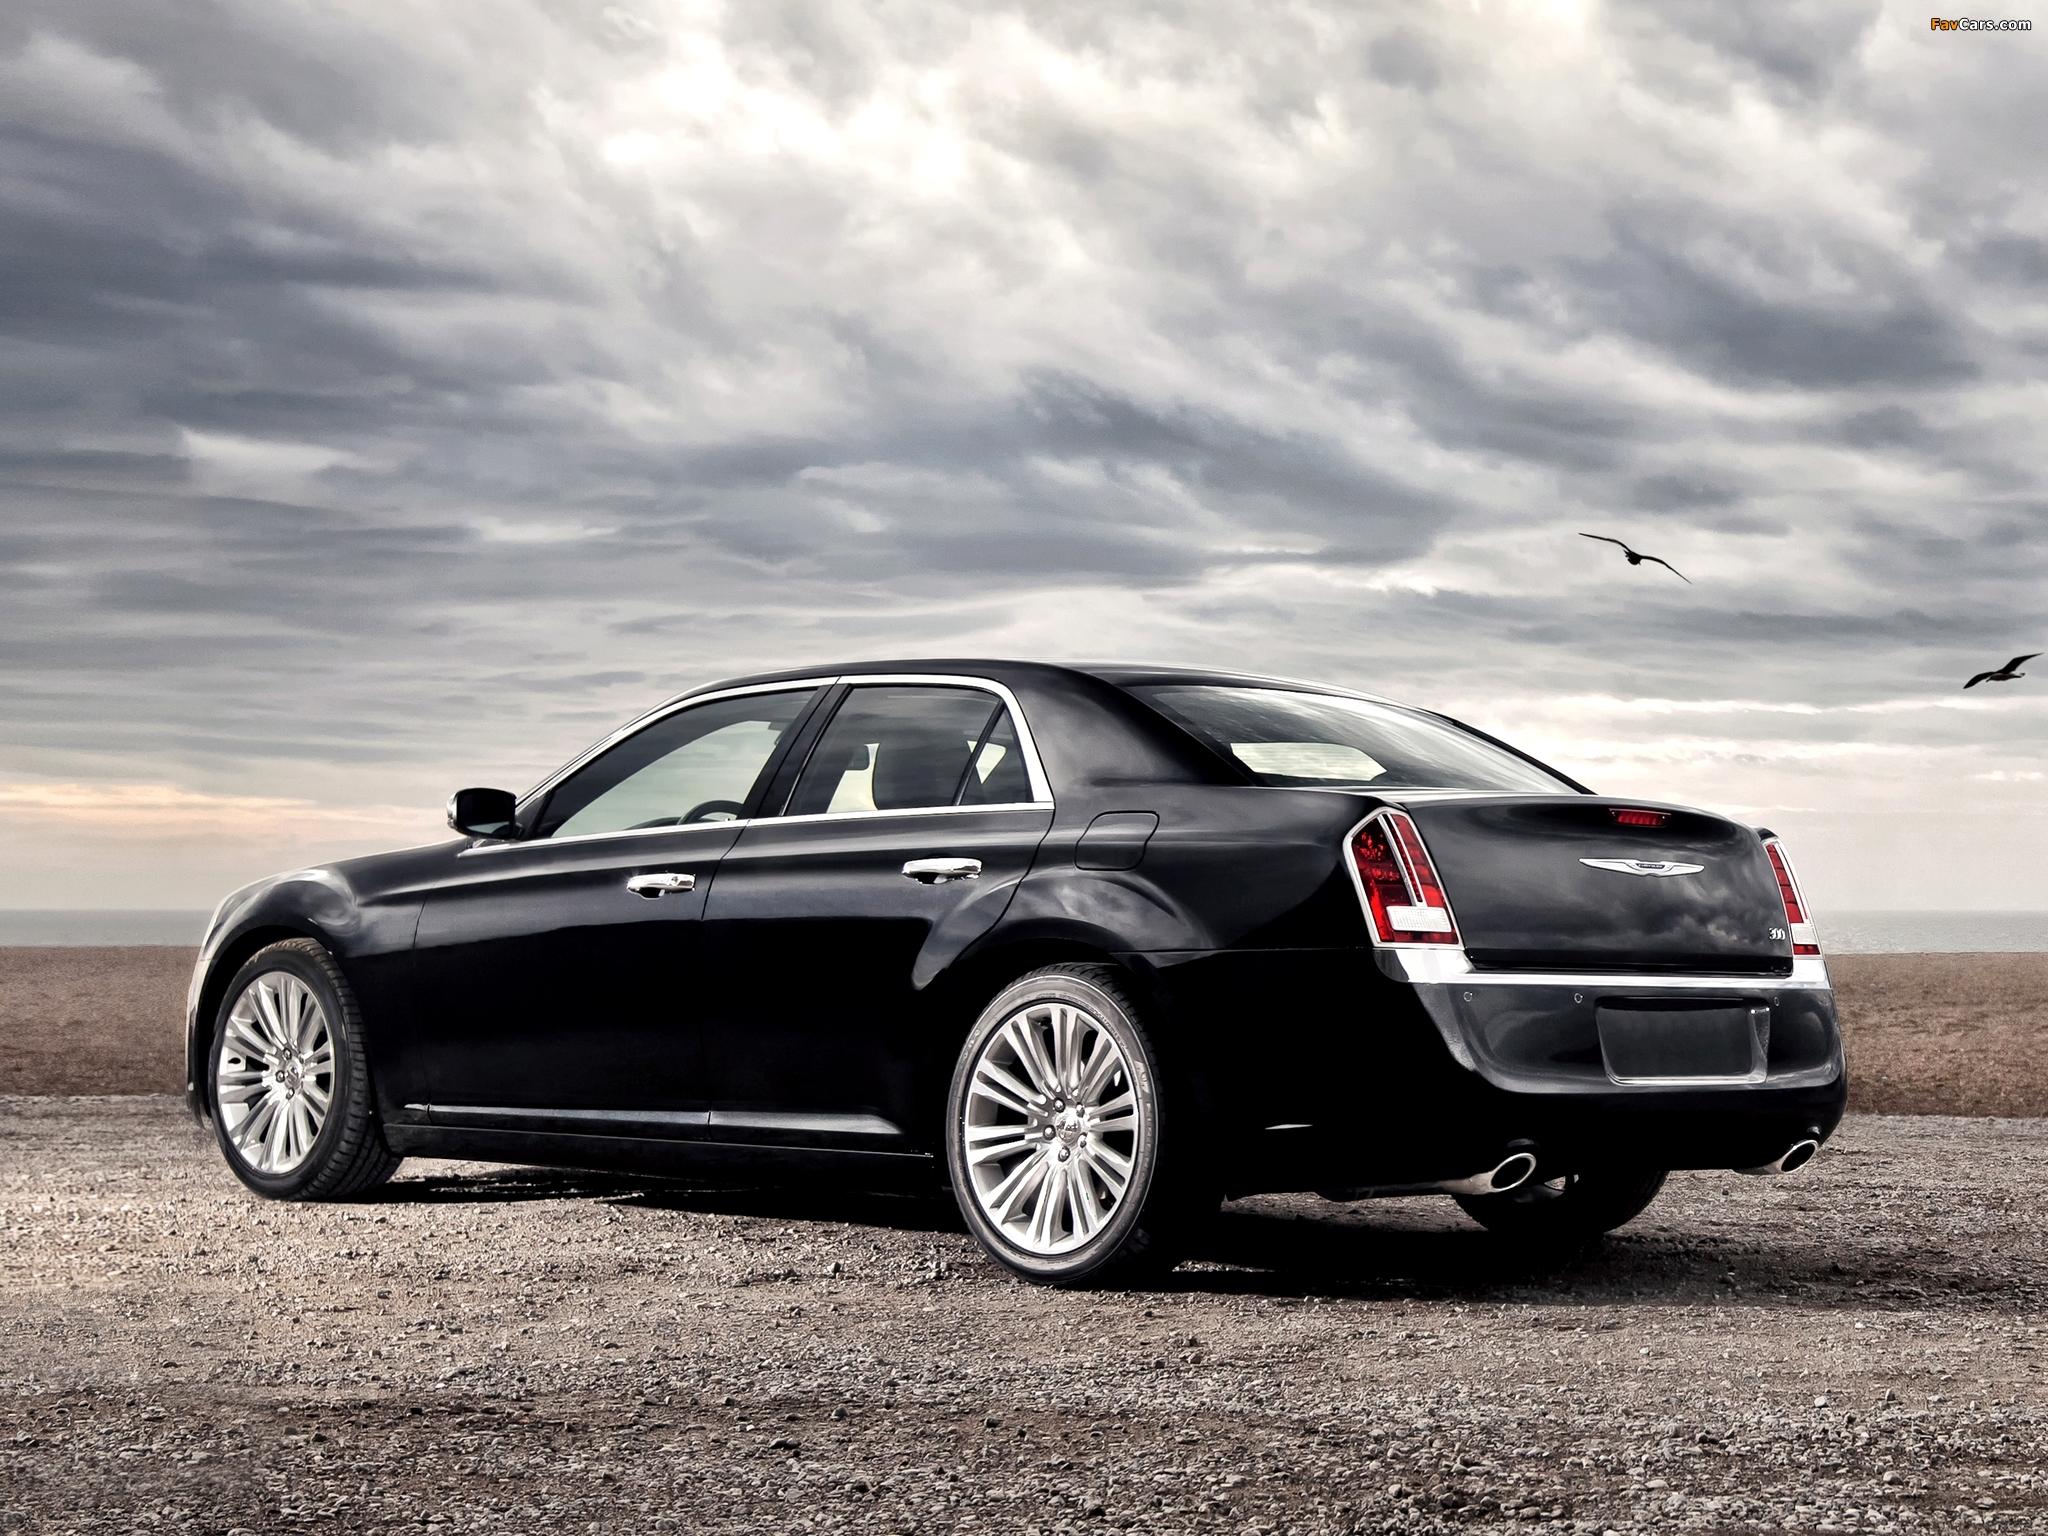 Chrysler 300 2011 images (2048 x 1536)